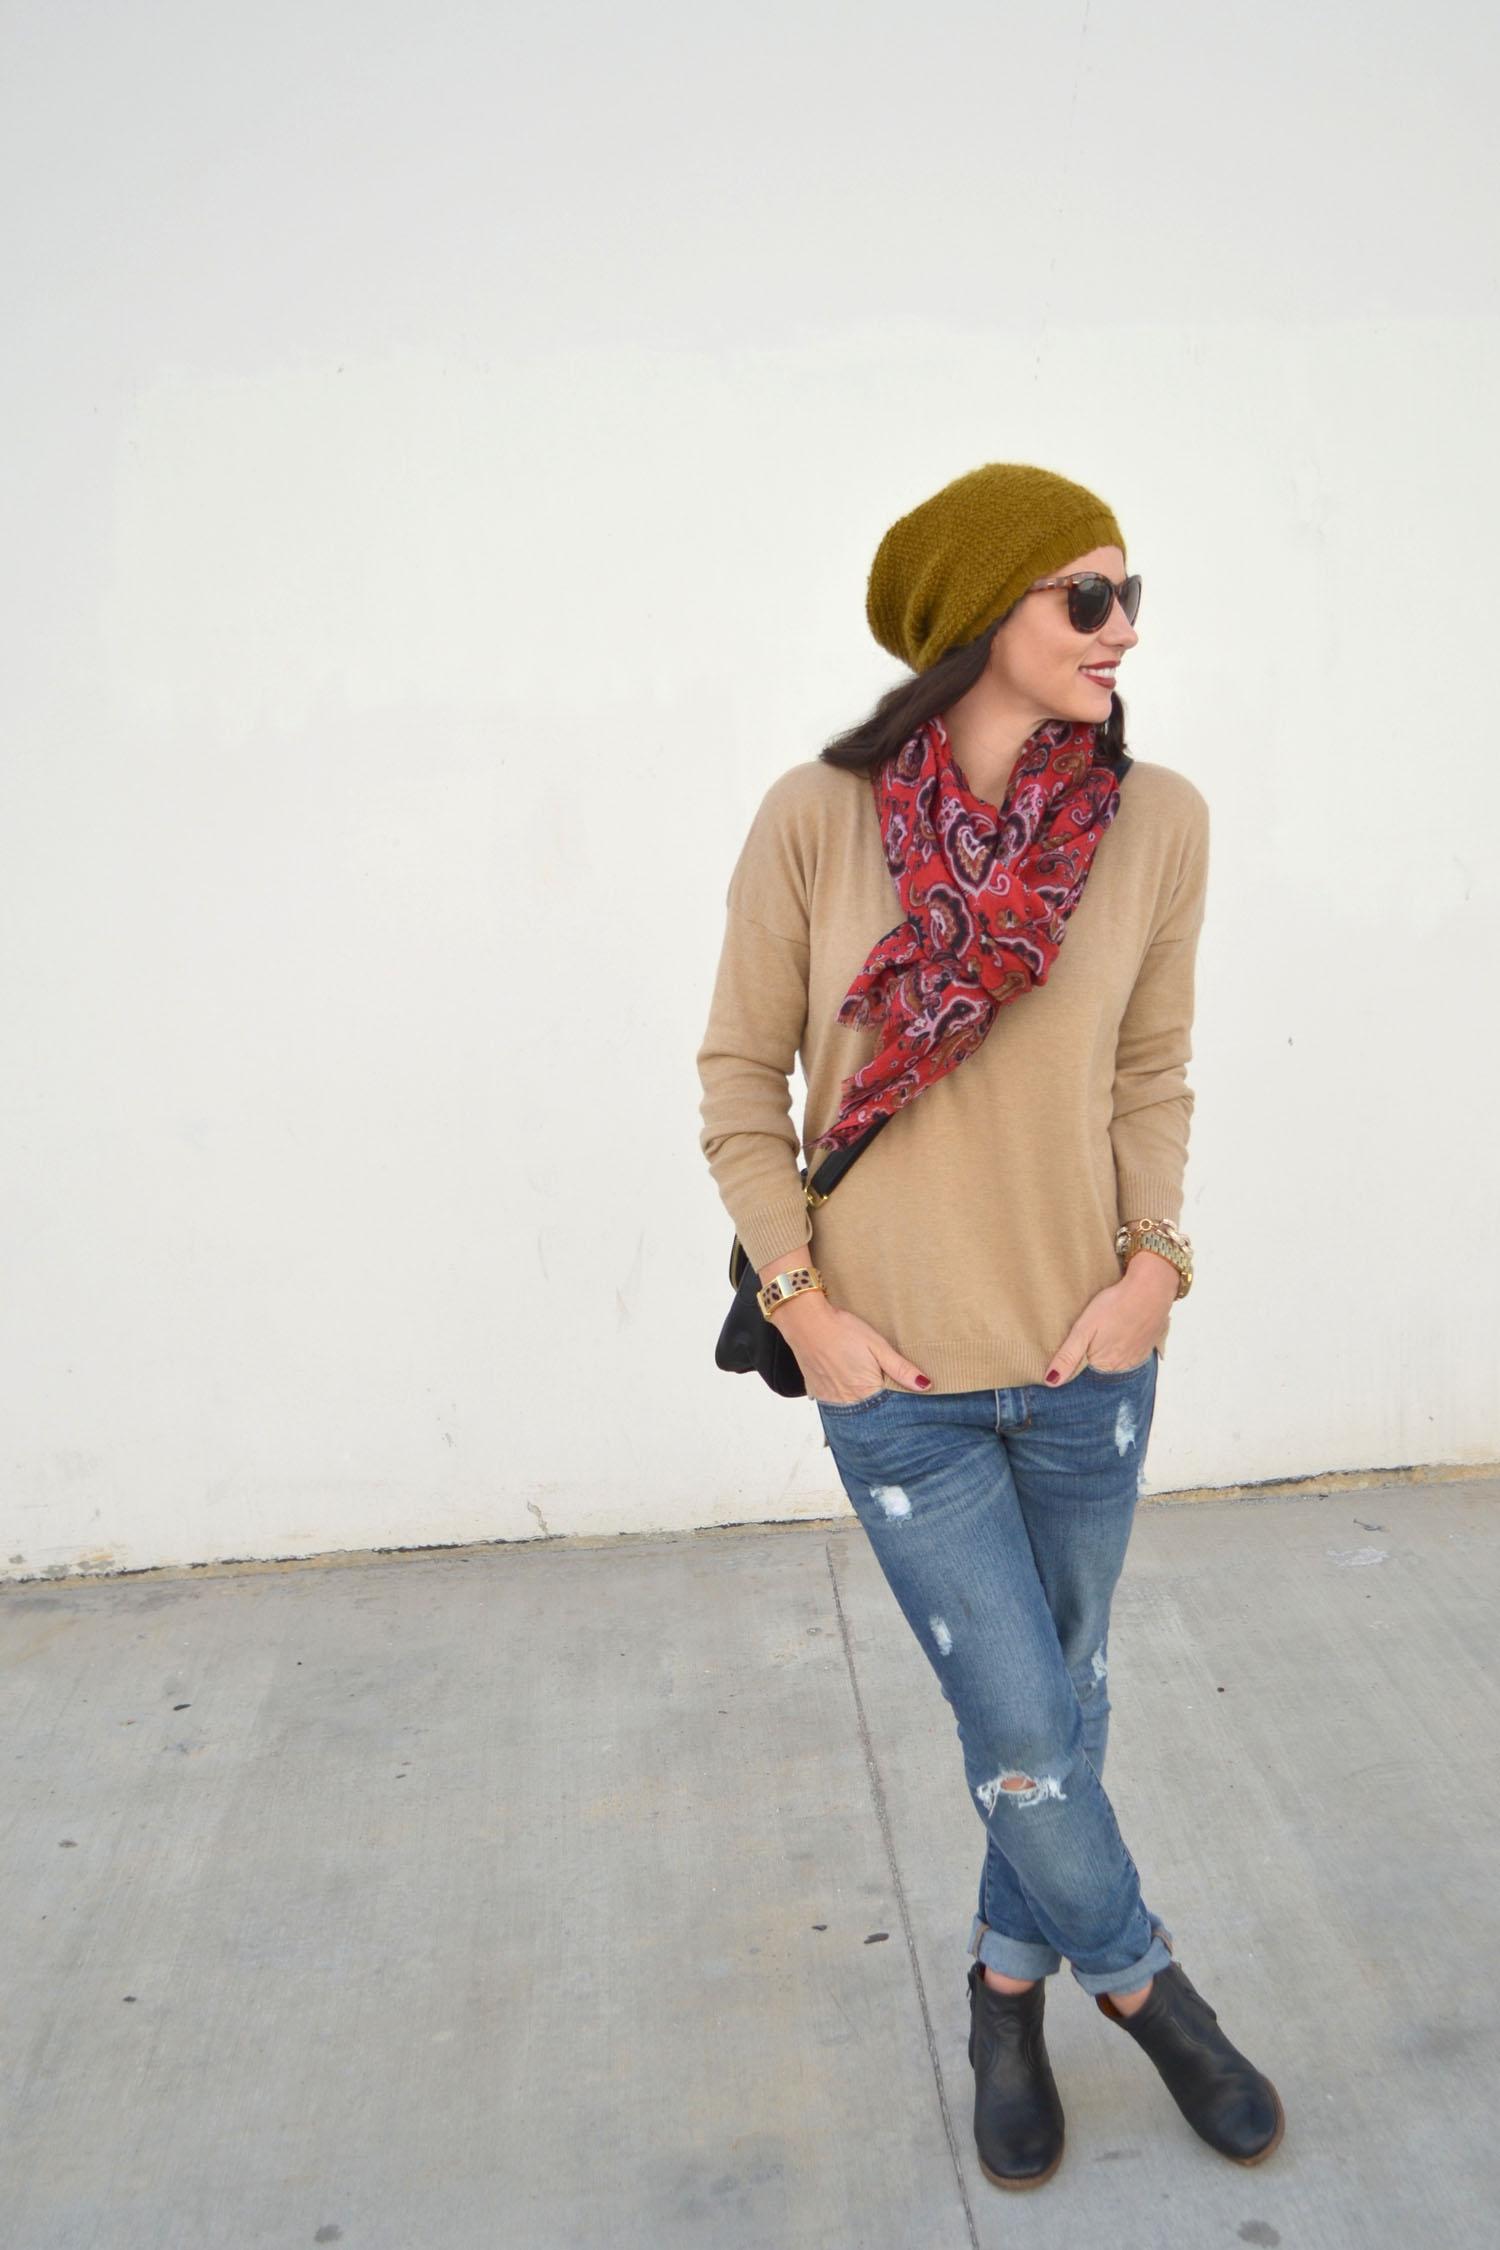 4_fashion 1_8.jpg